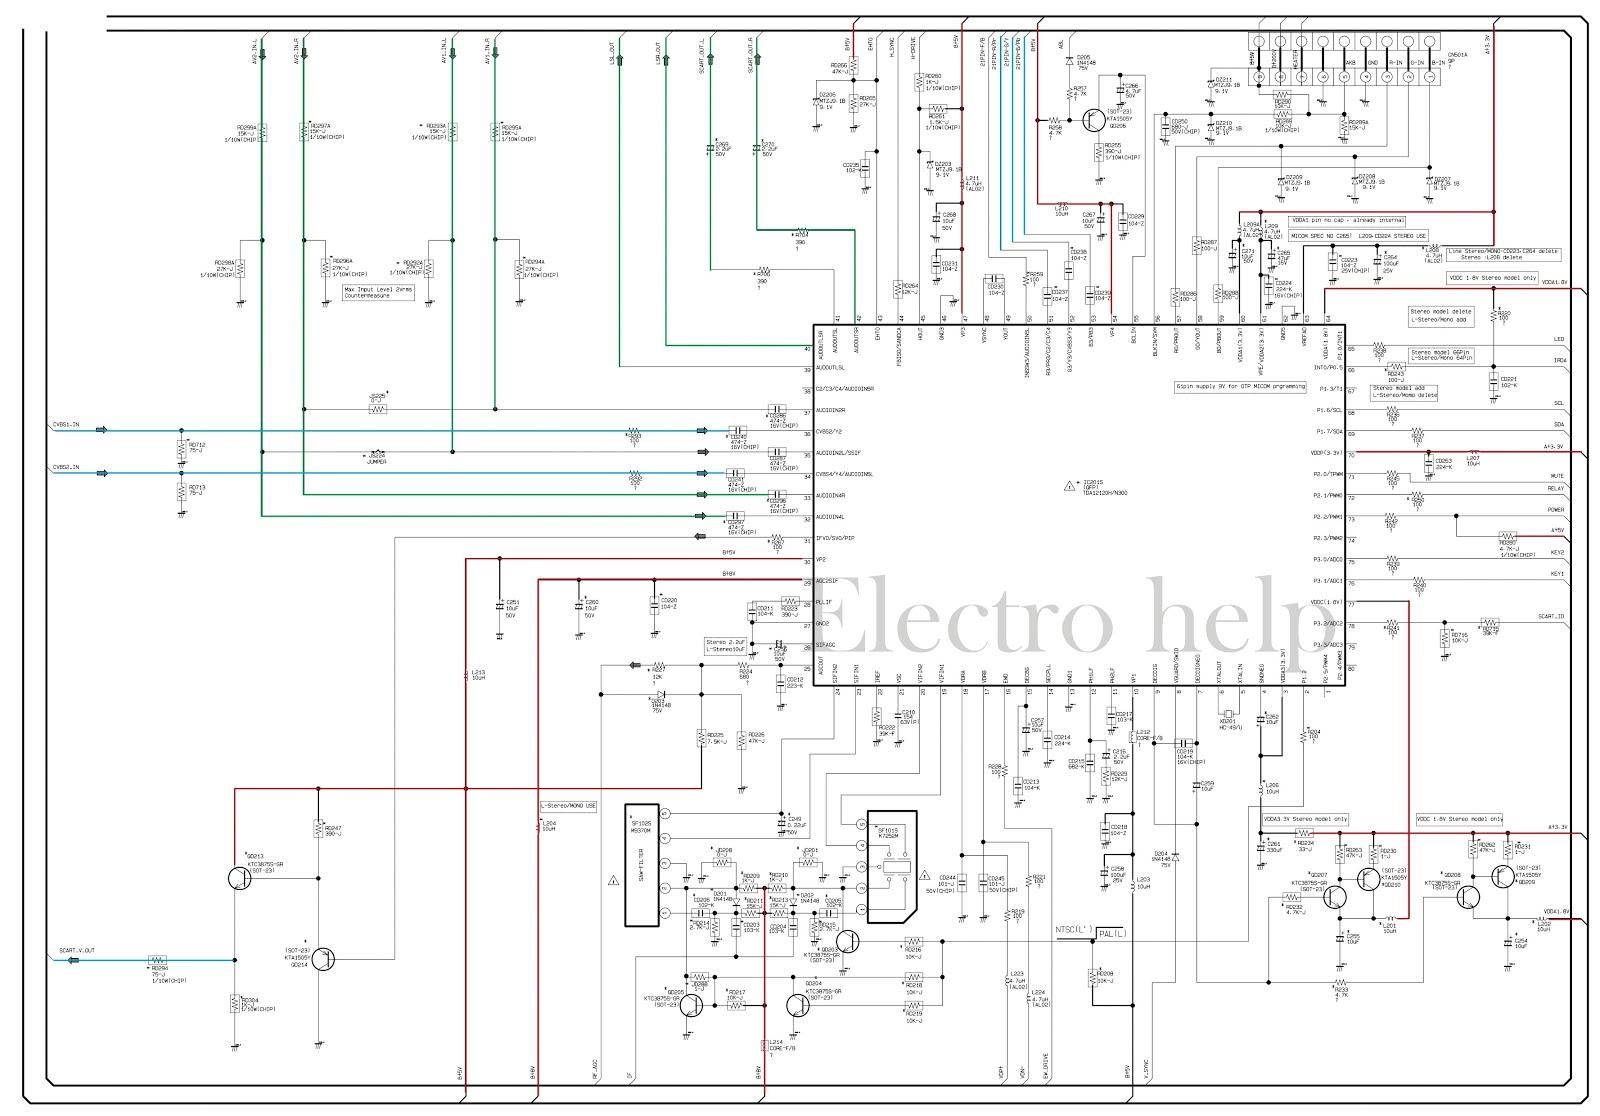 Samsung Dv219aew Wiring Schematic Stereo Wiring Diagram For 2001 Vw Beetle For Wiring Diagram Schematics